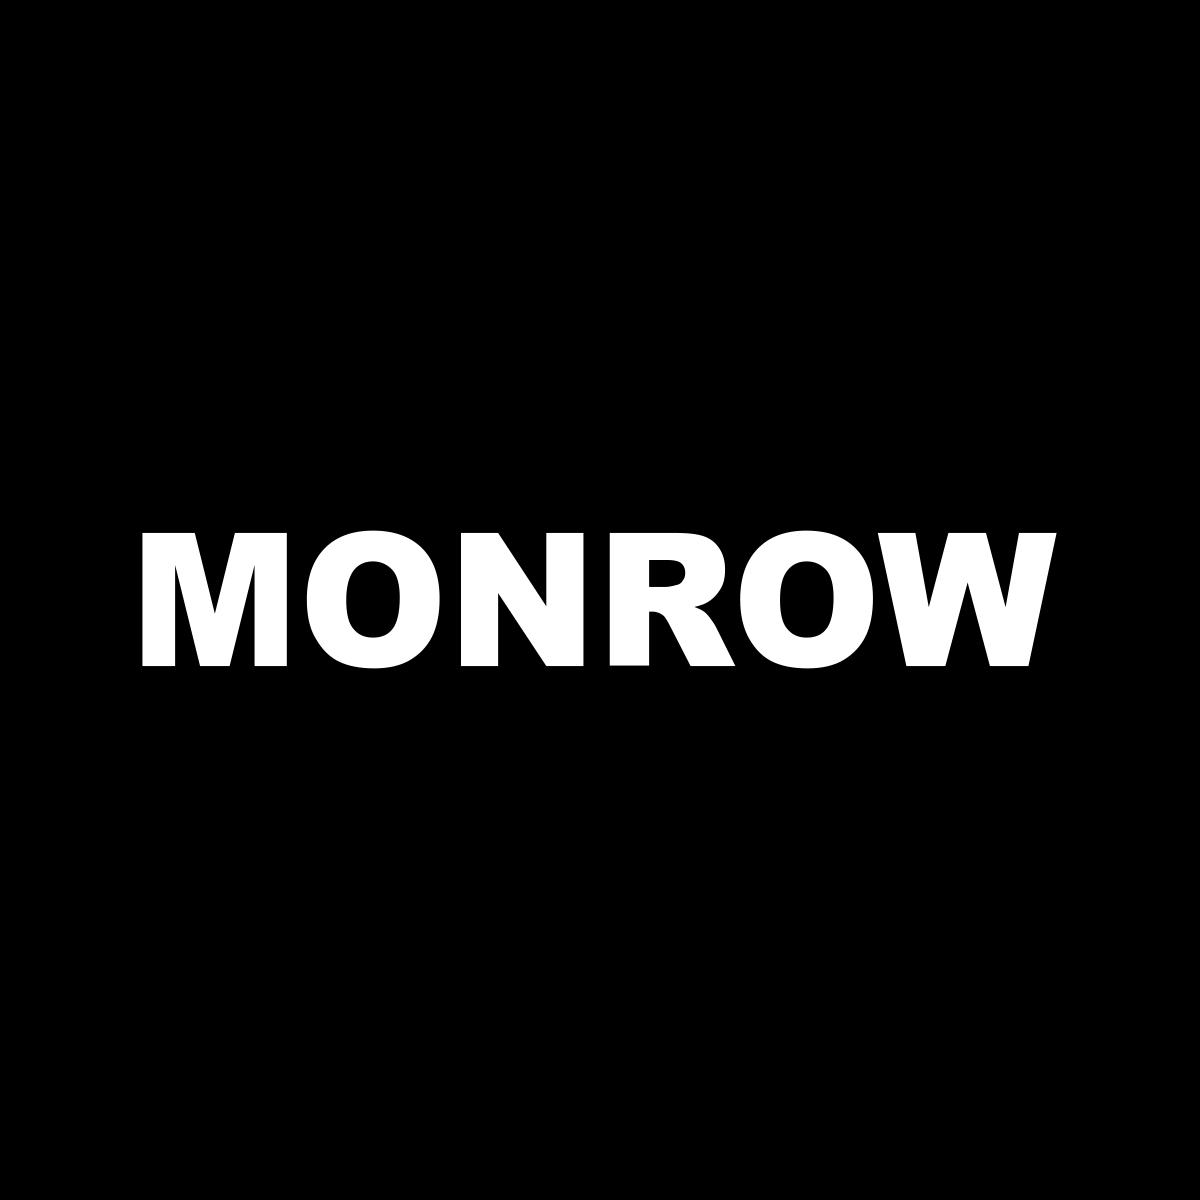 monrow logo 1.PNG